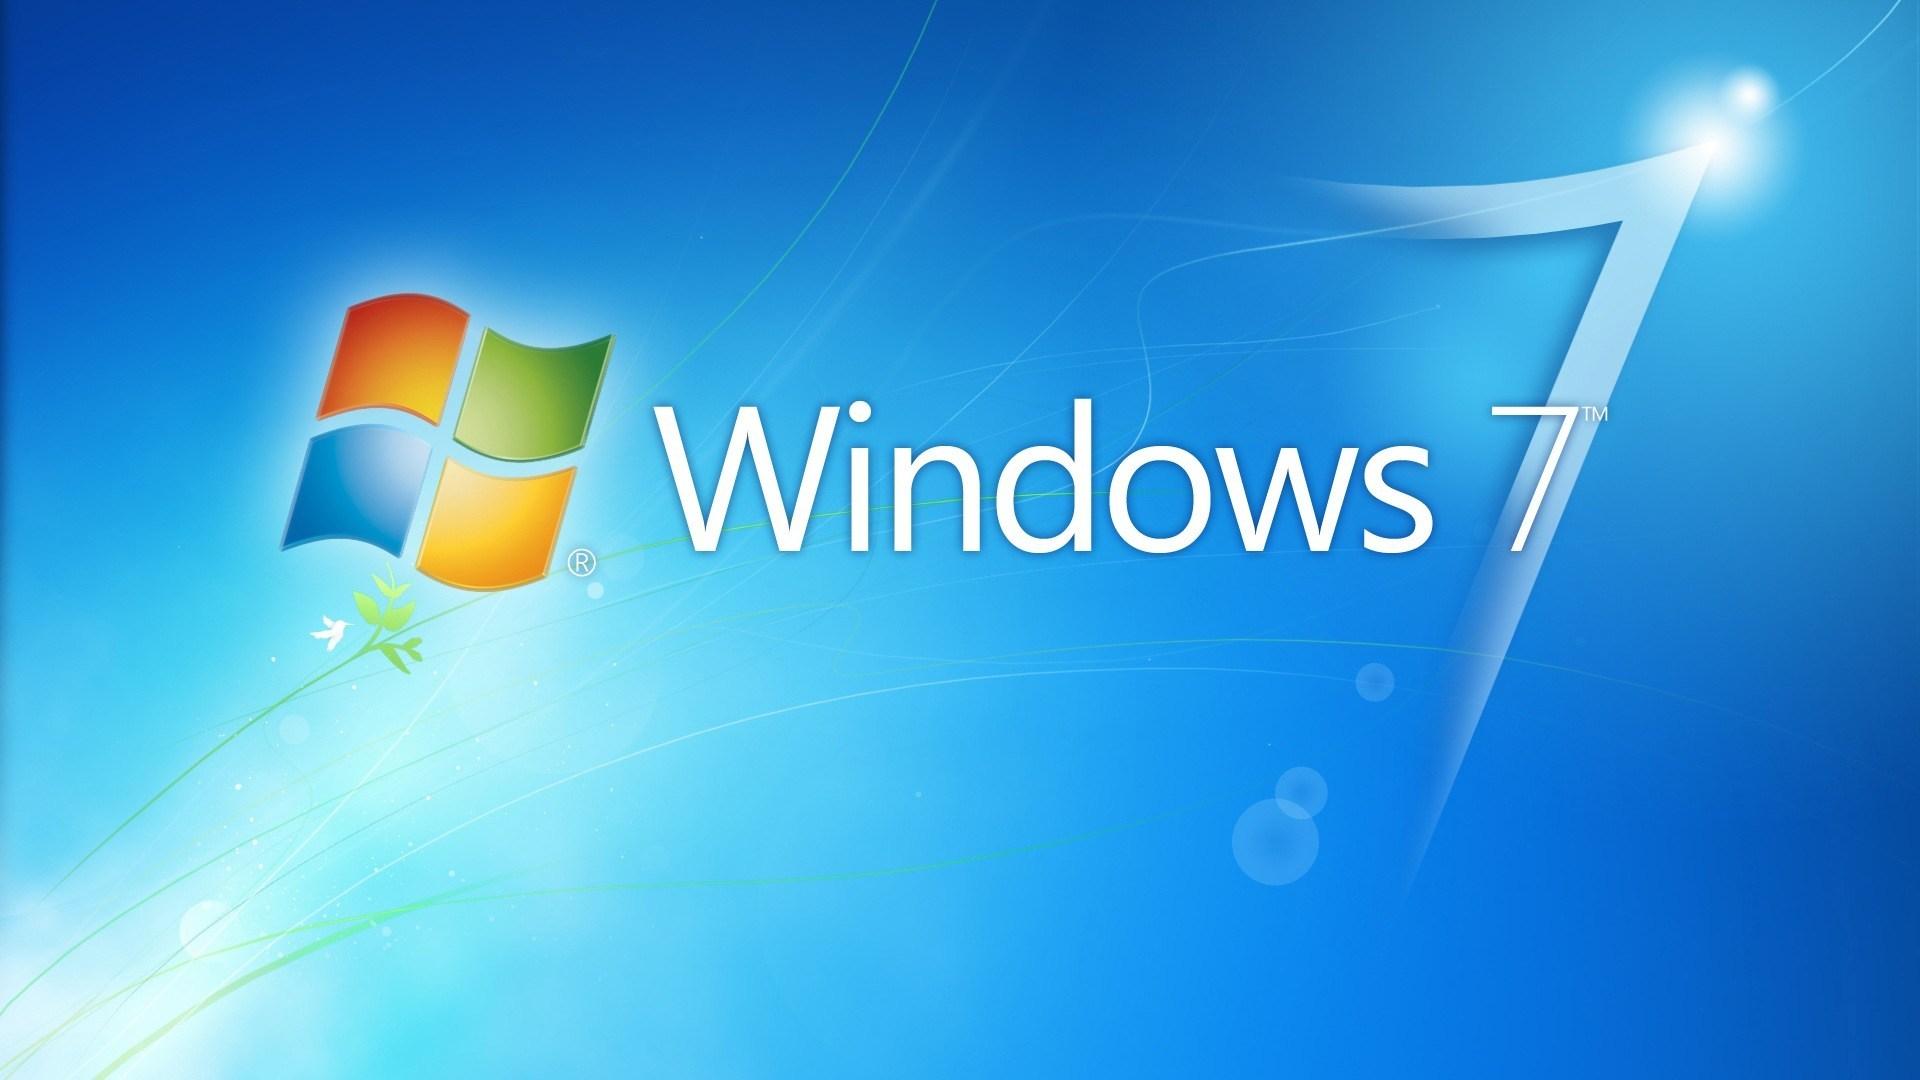 ميكروسوفت تطلب من المستخدمين إيقاف استخدام ويندوز 7